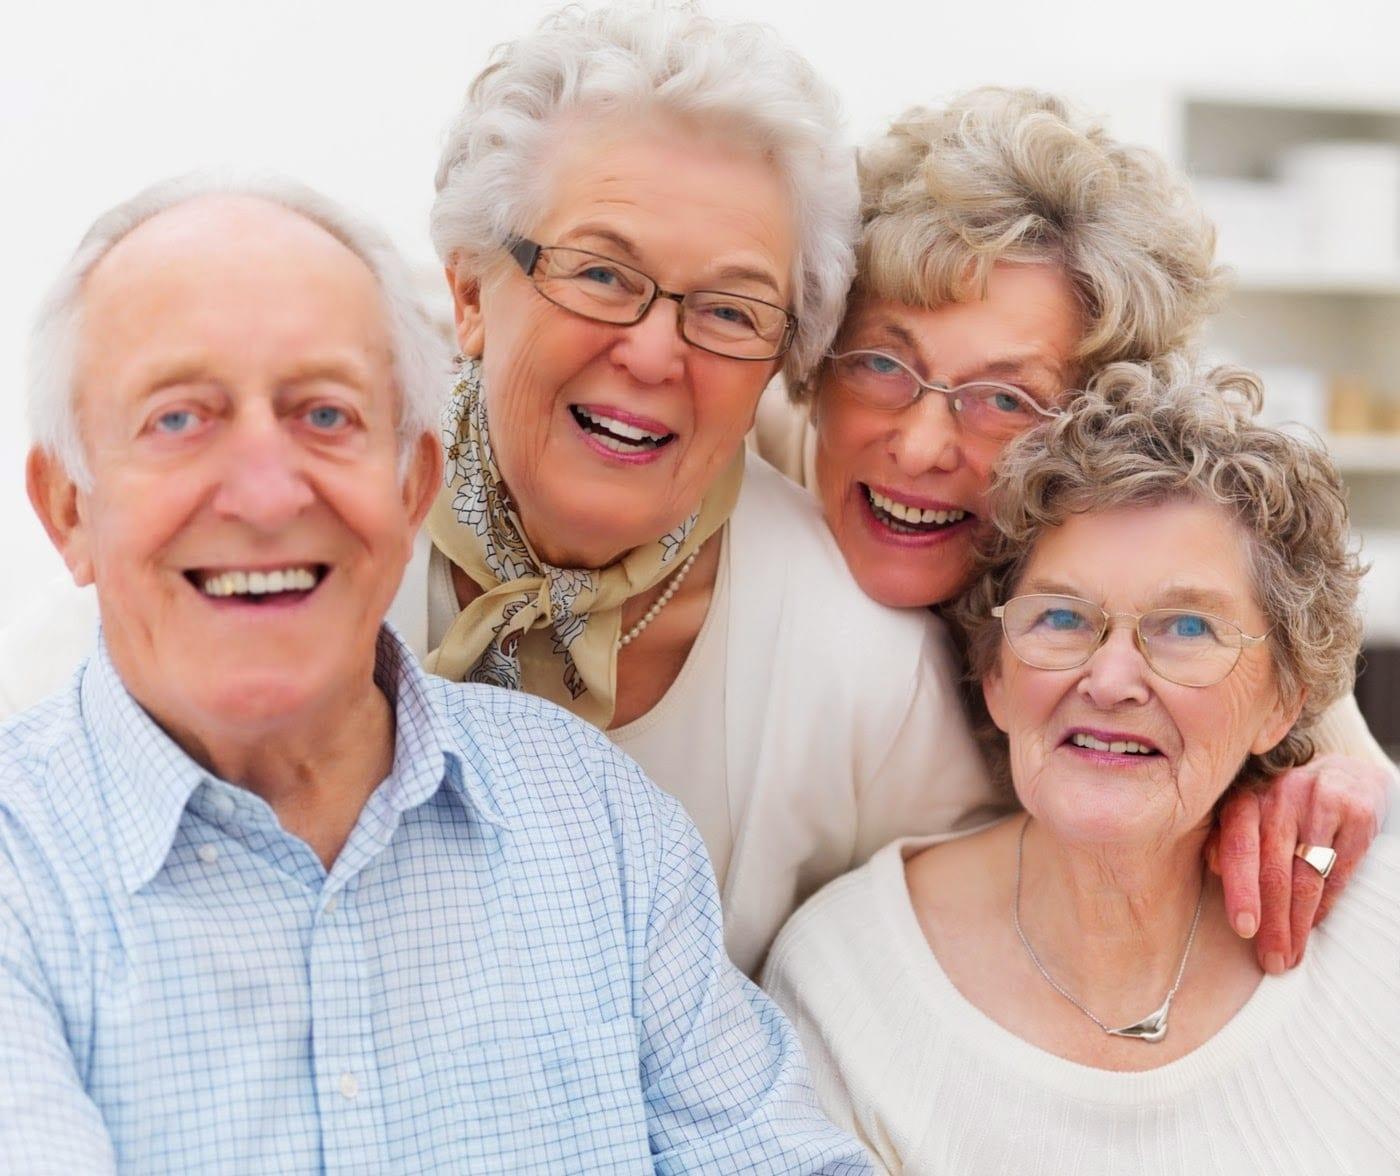 personas mayores riendo